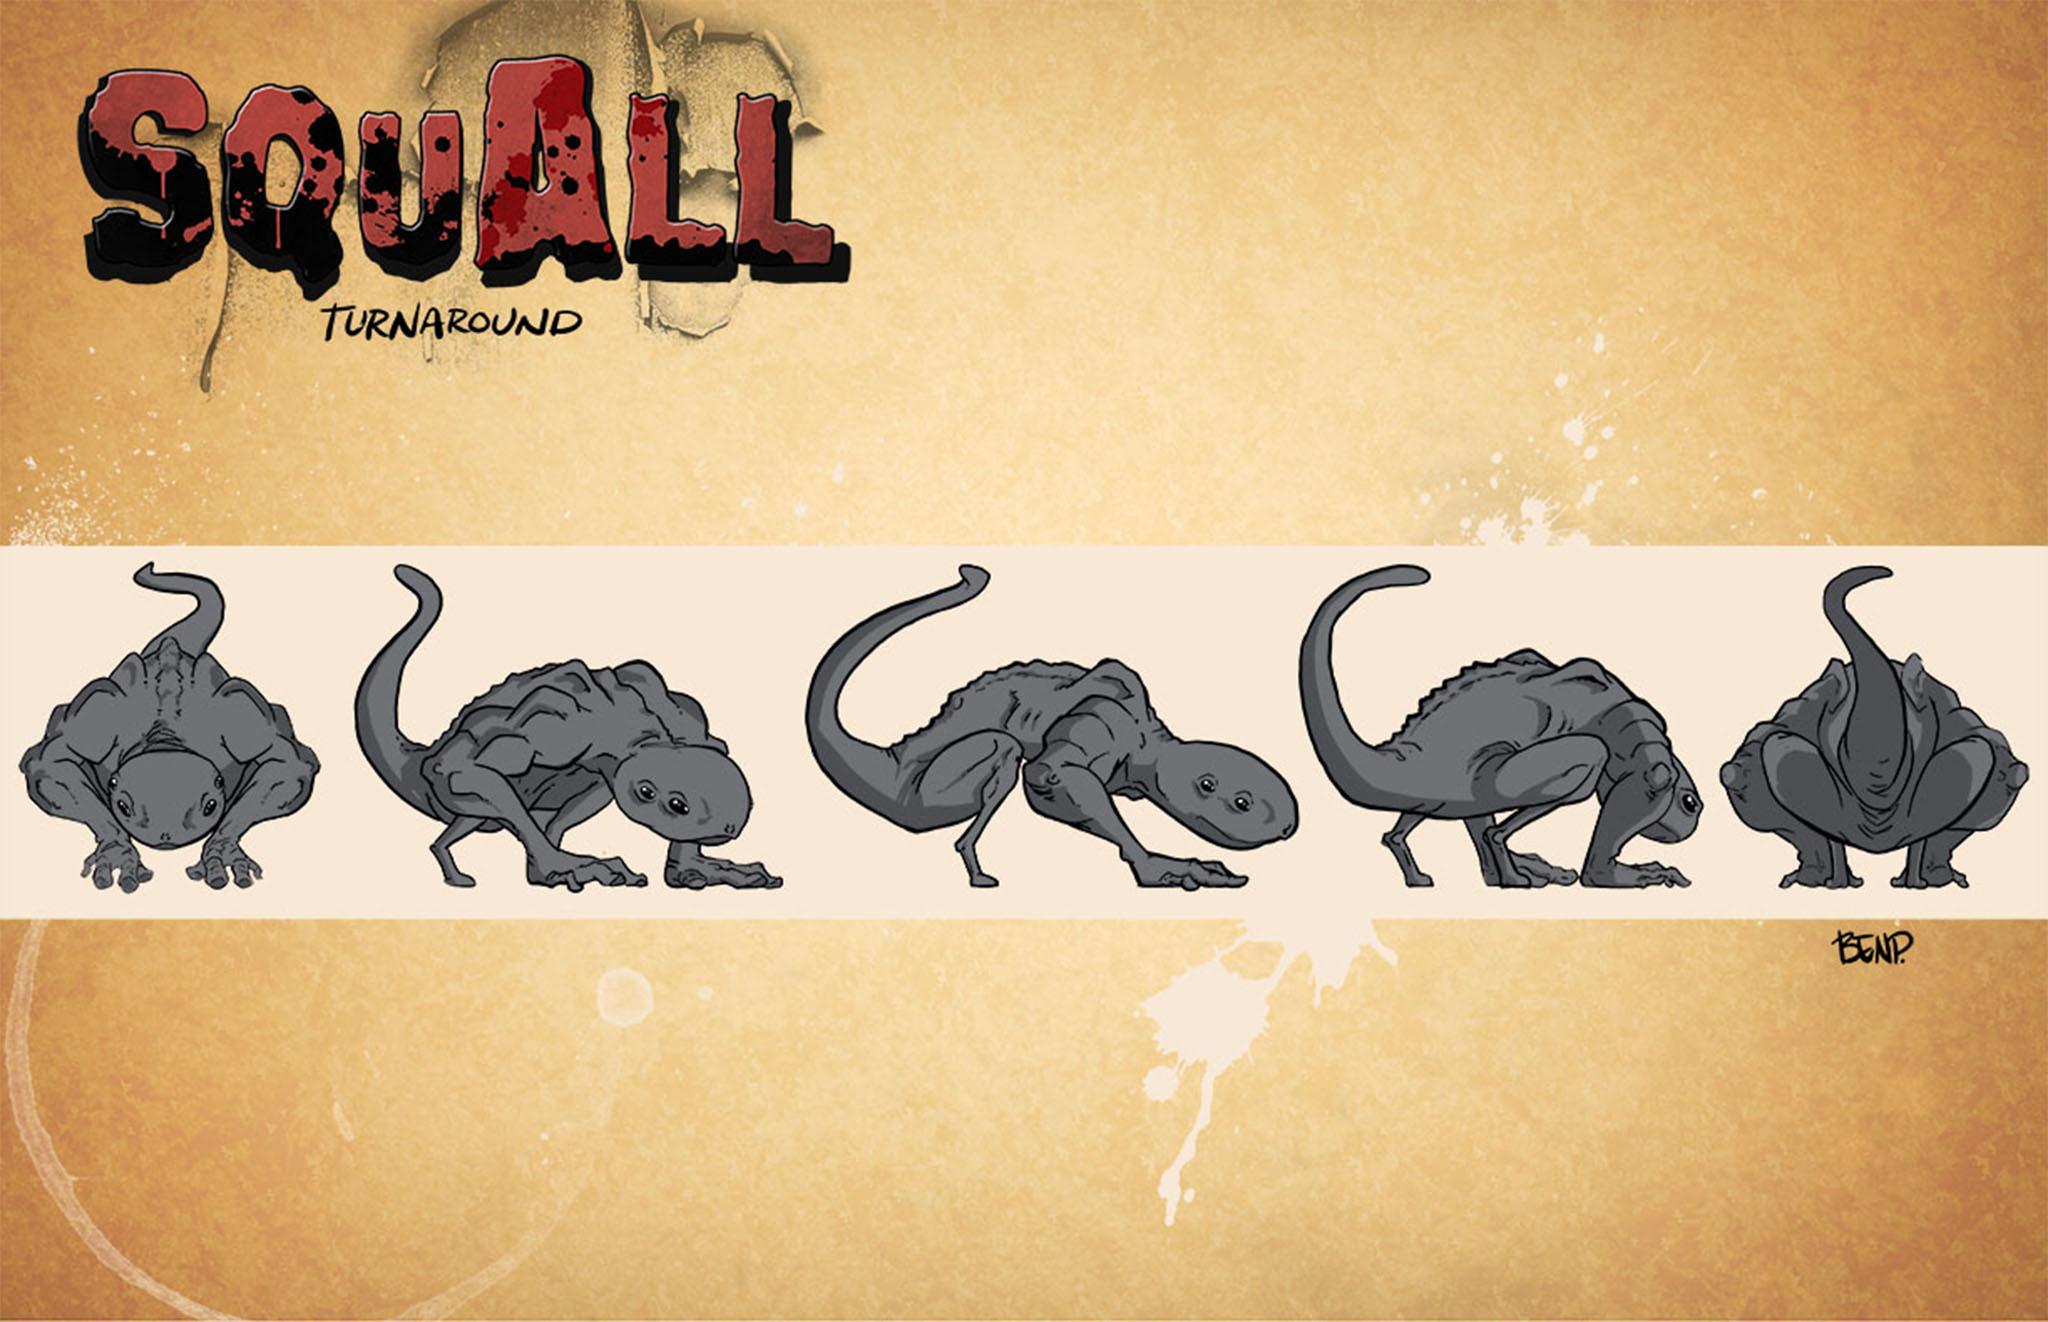 Squall turnaround.jpg